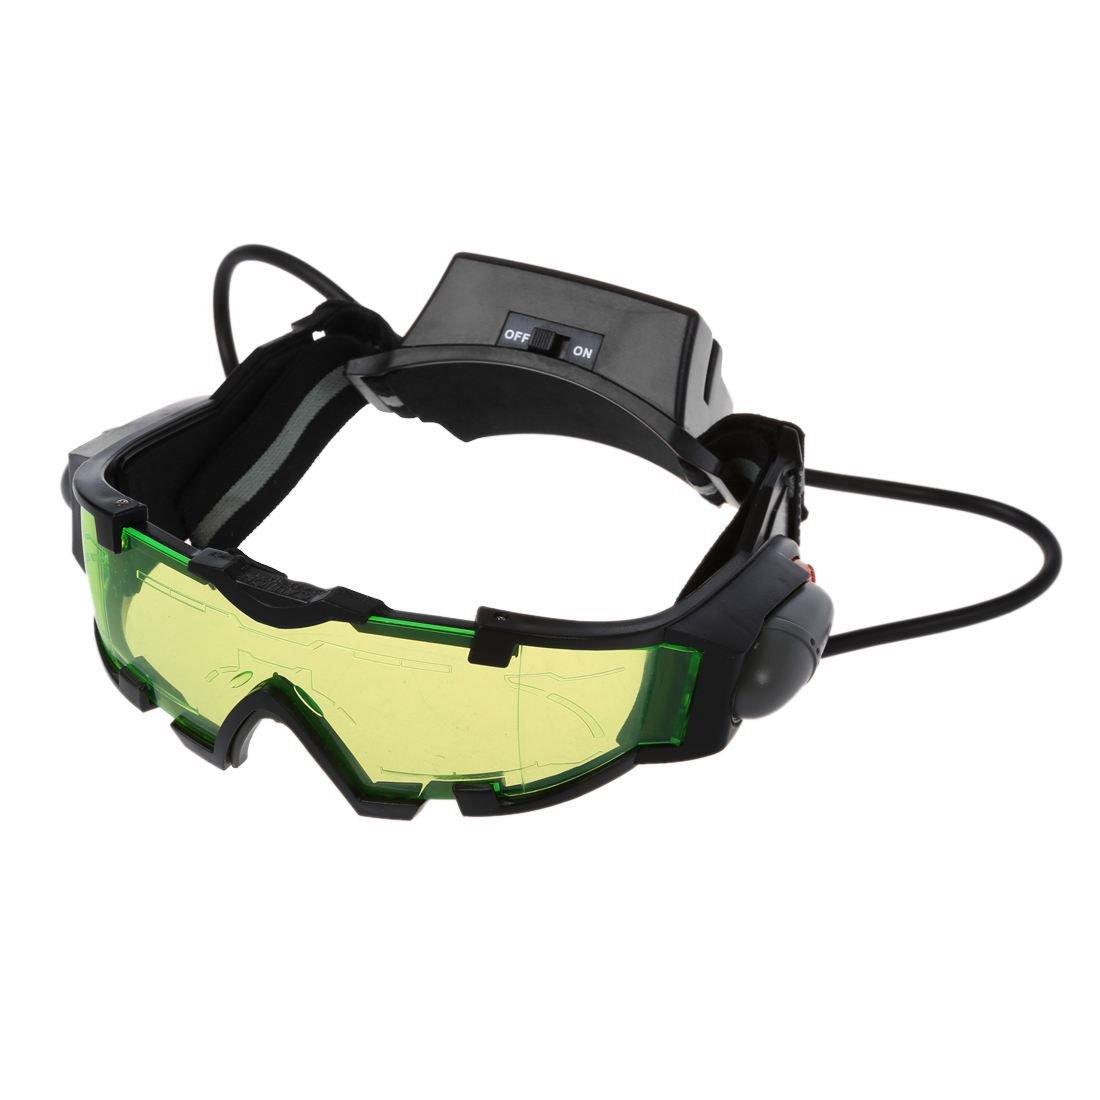 SODIAL(R) Gafas de vision nocturna con azul flip-fuera llevaron luces, Night Vision Goggles 044077